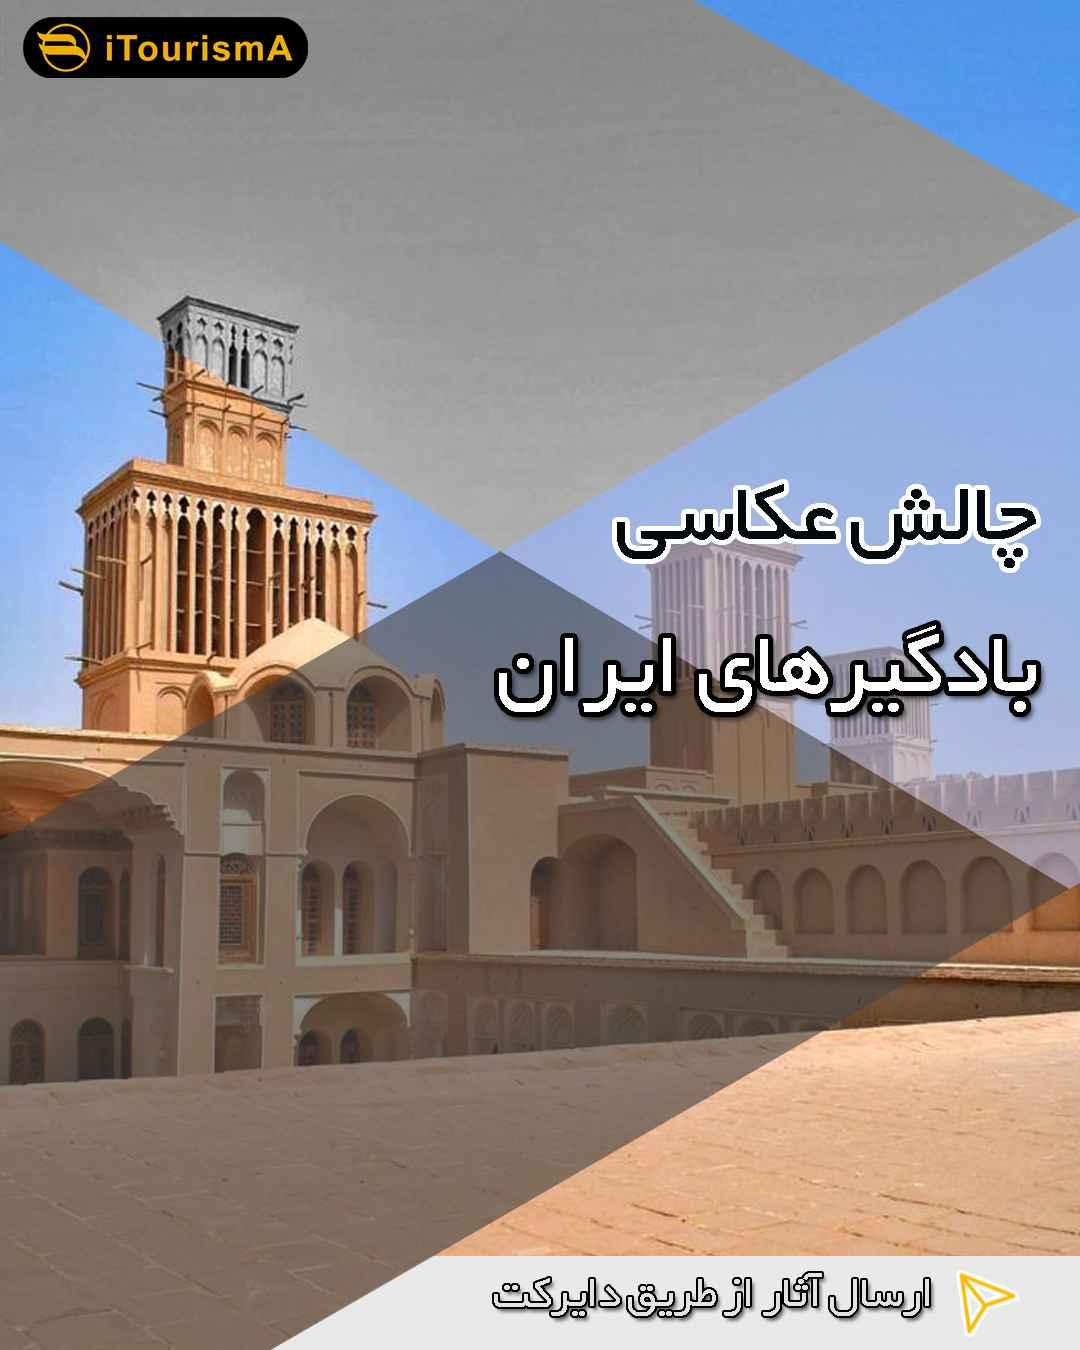 چالش عکاسی بادگیرهای ایران